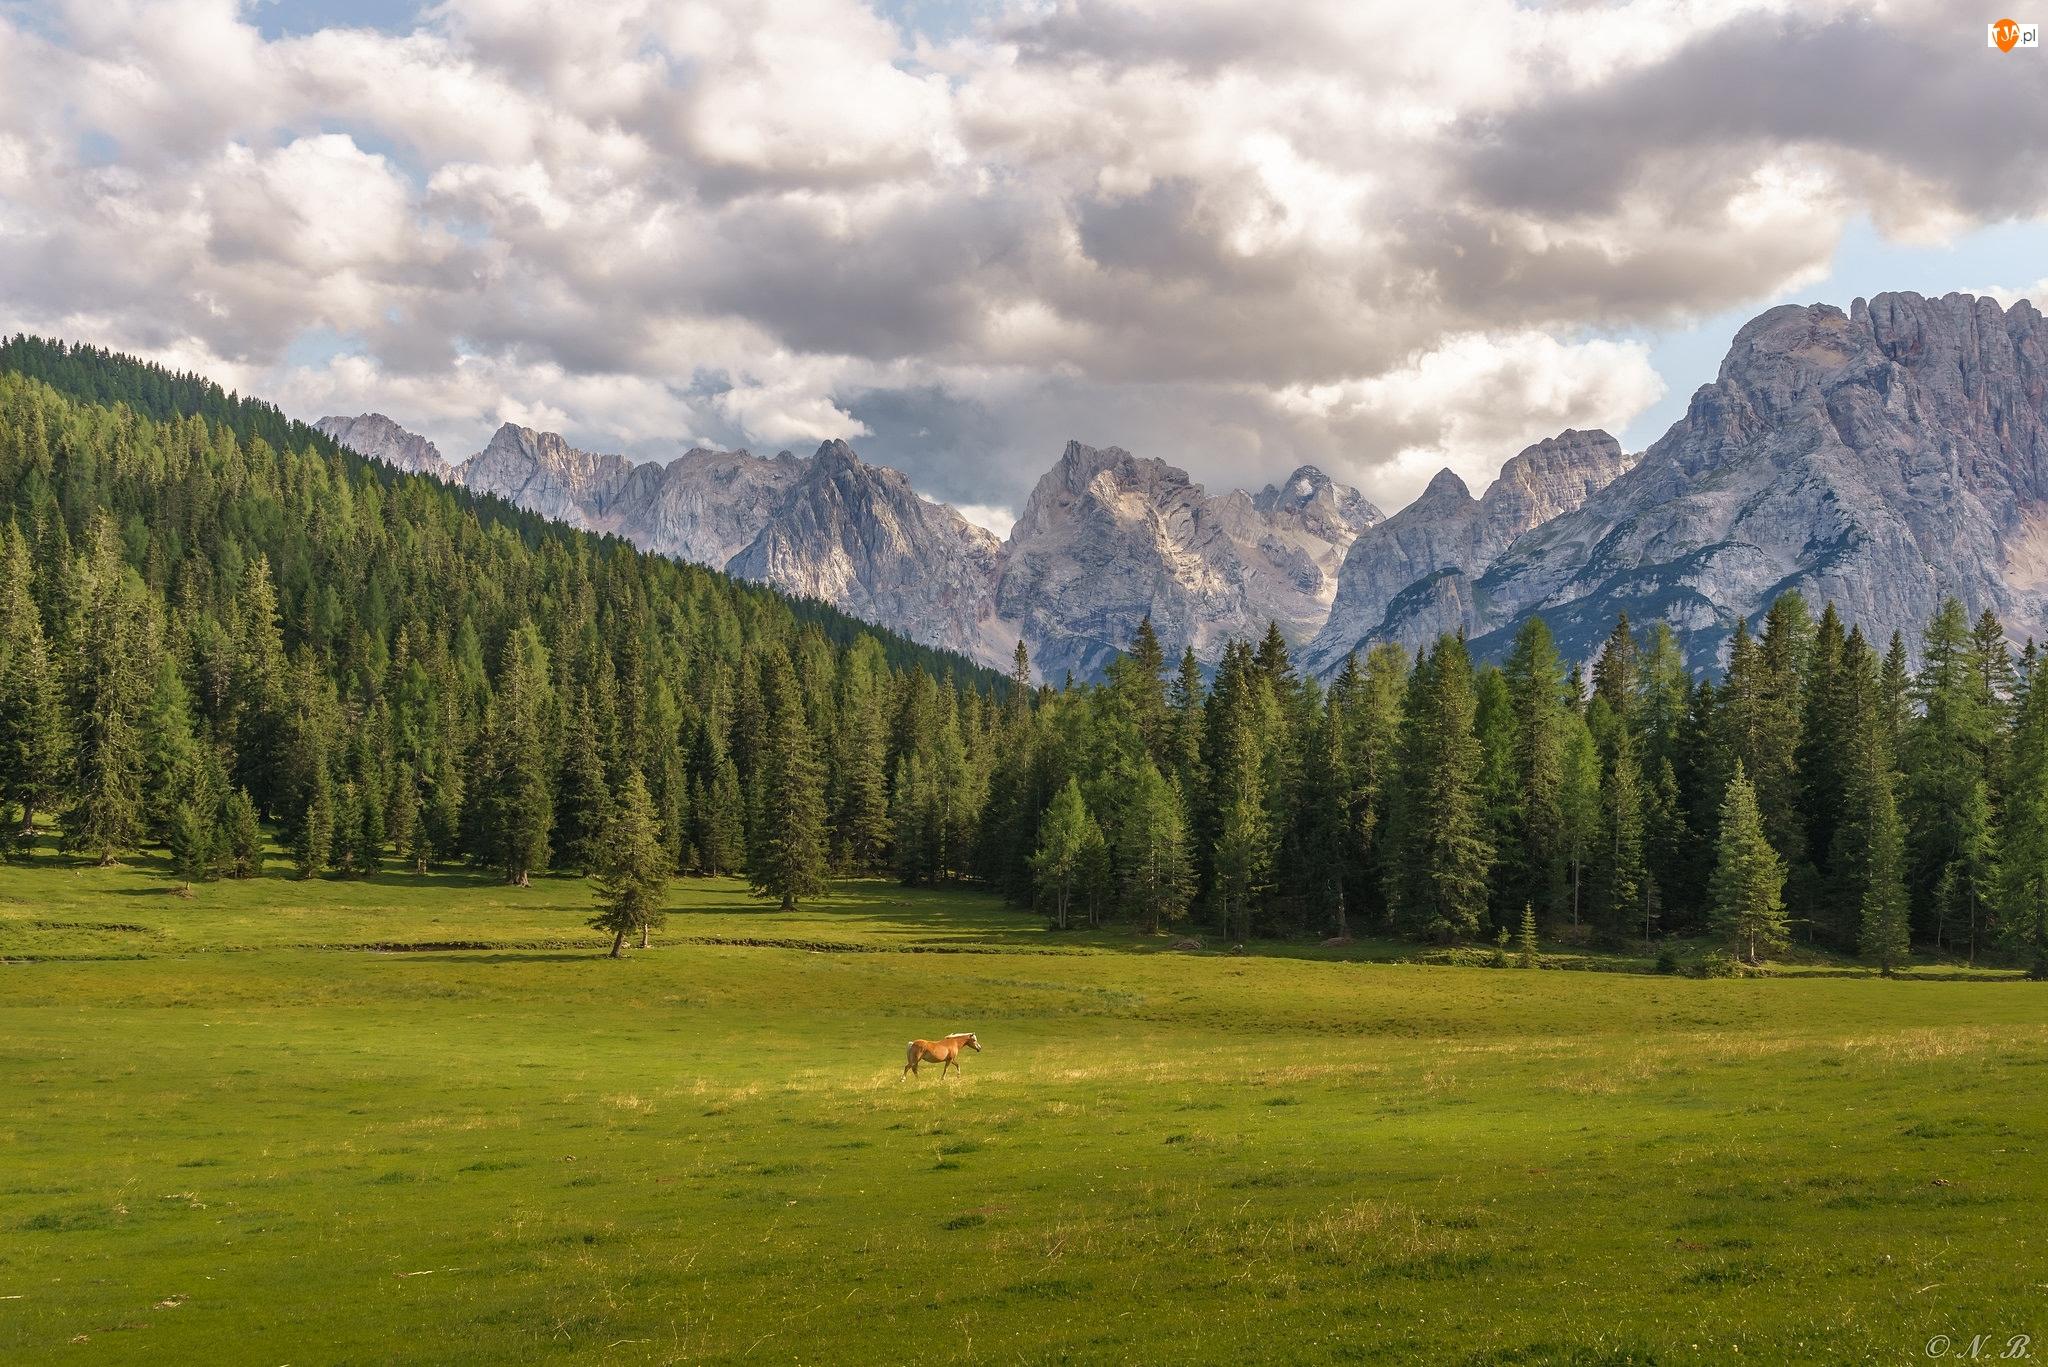 Las, Masyw Tre Cime di Lavaredo, Misurina, Włochy, Koń, Dolomity, Góry